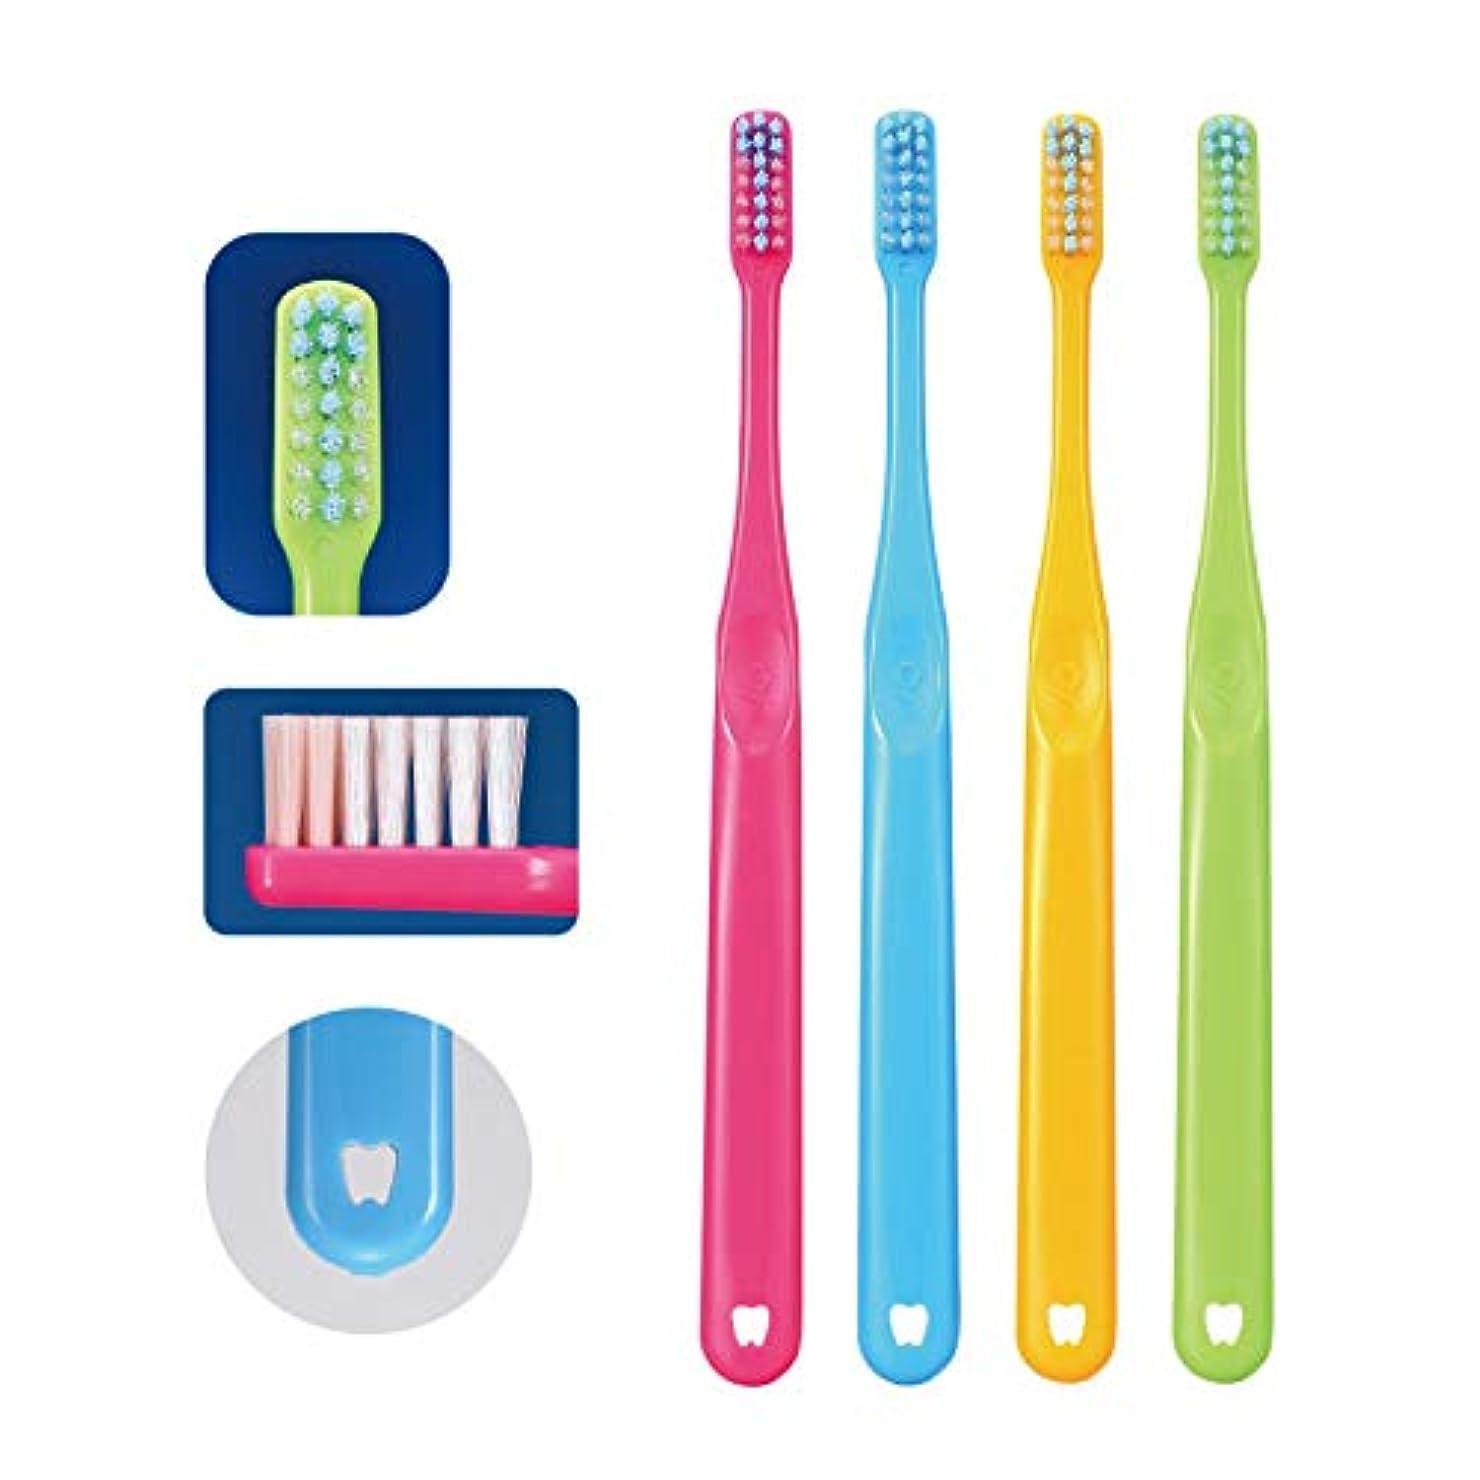 エンティティ習慣メニューCi PRO PLUS プロプラス 歯ブラシ 20本 M(ふつう) 日本製 プラーク除去 歯科専売品